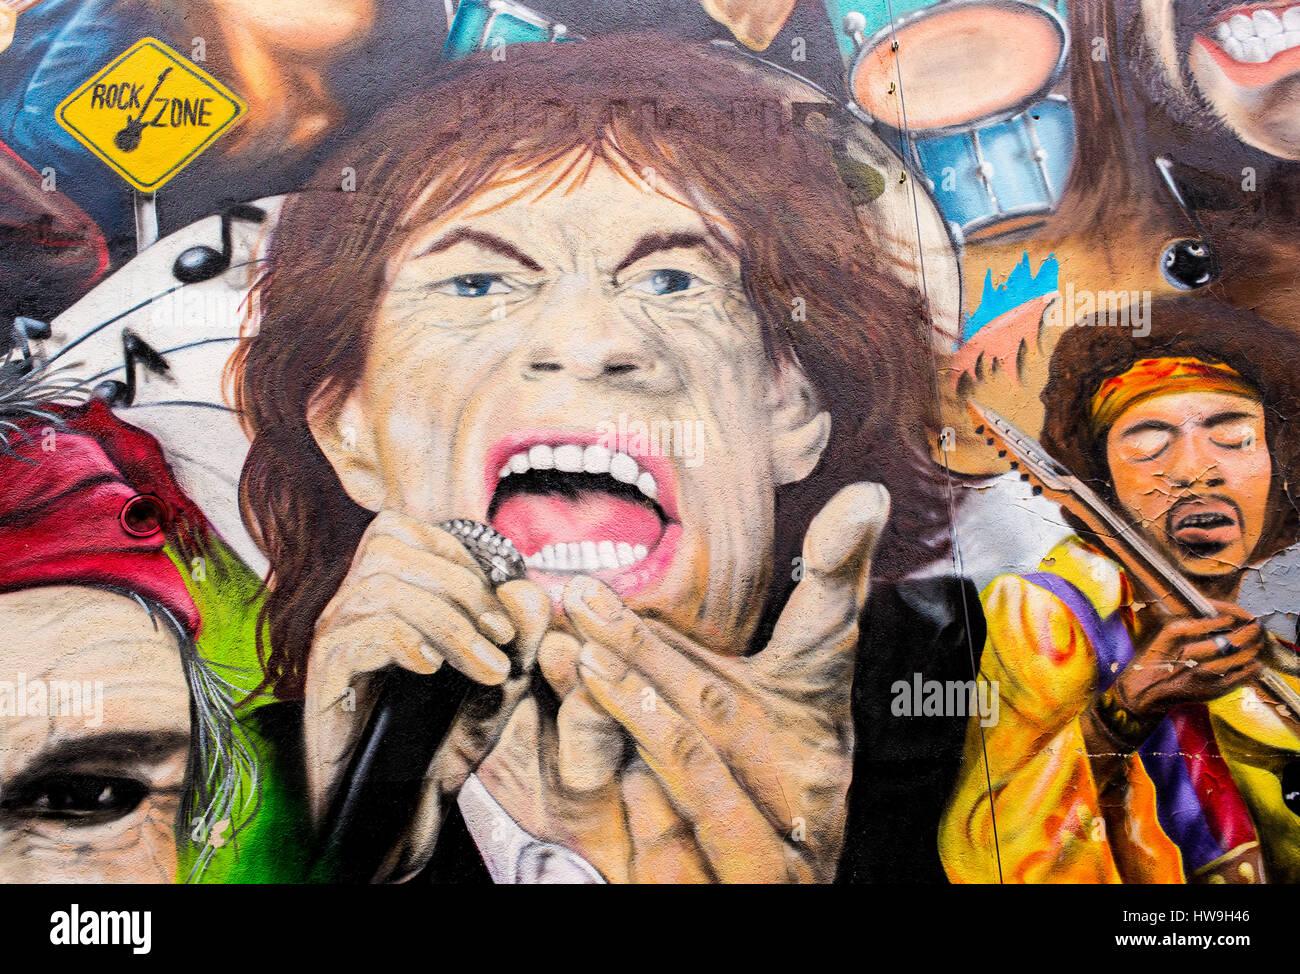 The John Lennon Mural Stock Photos & The John Lennon Mural Stock